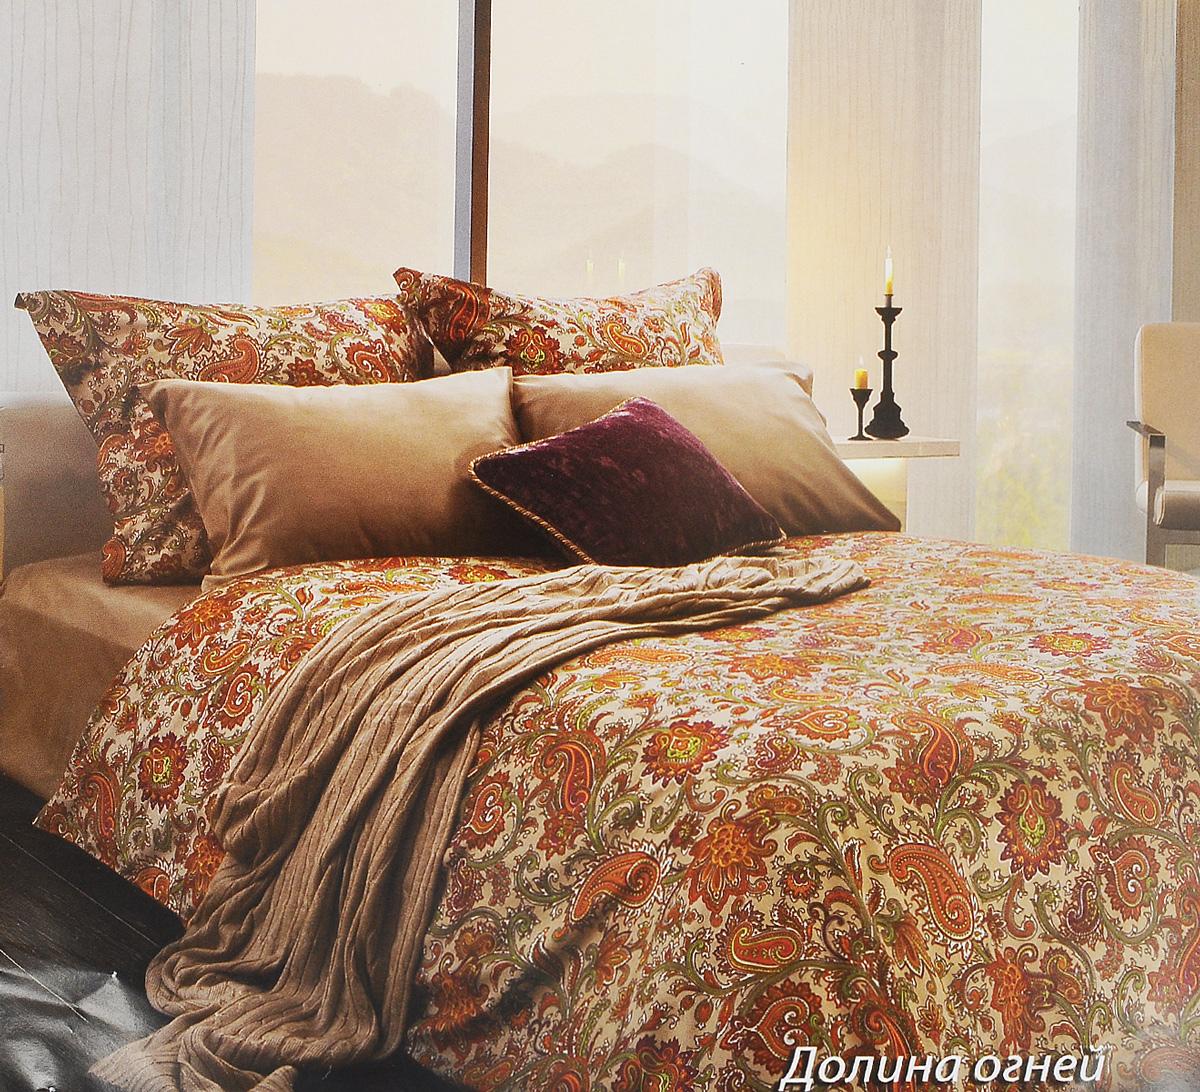 Комплект белья Tiffanys Secret Долина огней, евро, наволочки 70х70, цвет: бежевый, оранжевый, белый2040816134Комплект постельного белья Tiffanys Secret Долина огней является экологически безопасным для всей семьи, так как выполнен из сатина (100% хлопок). Комплект состоит из пододеяльника, простыни и двух наволочек. Предметы комплекта оформлены оригинальным рисунком.Благодаря такому комплекту постельного белья вы сможете создать атмосферу уюта и комфорта в вашей спальне.Сатин - это ткань, навсегда покорившая сердца человечества. Ценившие роскошь персы называли ее атлас, а искушенные в прекрасном французы - сатин. Секрет высококачественного сатина в безупречности всего технологического процесса. Эту благородную ткань делают только из отборной натуральной пряжи, которую получают из самого лучшего тонковолокнистого хлопка. Благодаря использованию самой тонкой хлопковой нити получается необычайно мягкое и нежное полотно. Сатиновое постельное белье превращает жаркие летние ночи в прохладные и освежающие, а холодные зимние - в теплые и согревающие. Сатин очень приятен на ощупь, постельное белье из него долговечно, выдерживает более 300 стирок, и лишь спустя долгое время материал начинает немного тускнеть. Оцените все достоинства постельного белья из сатина, выбирая самое лучшее для себя!